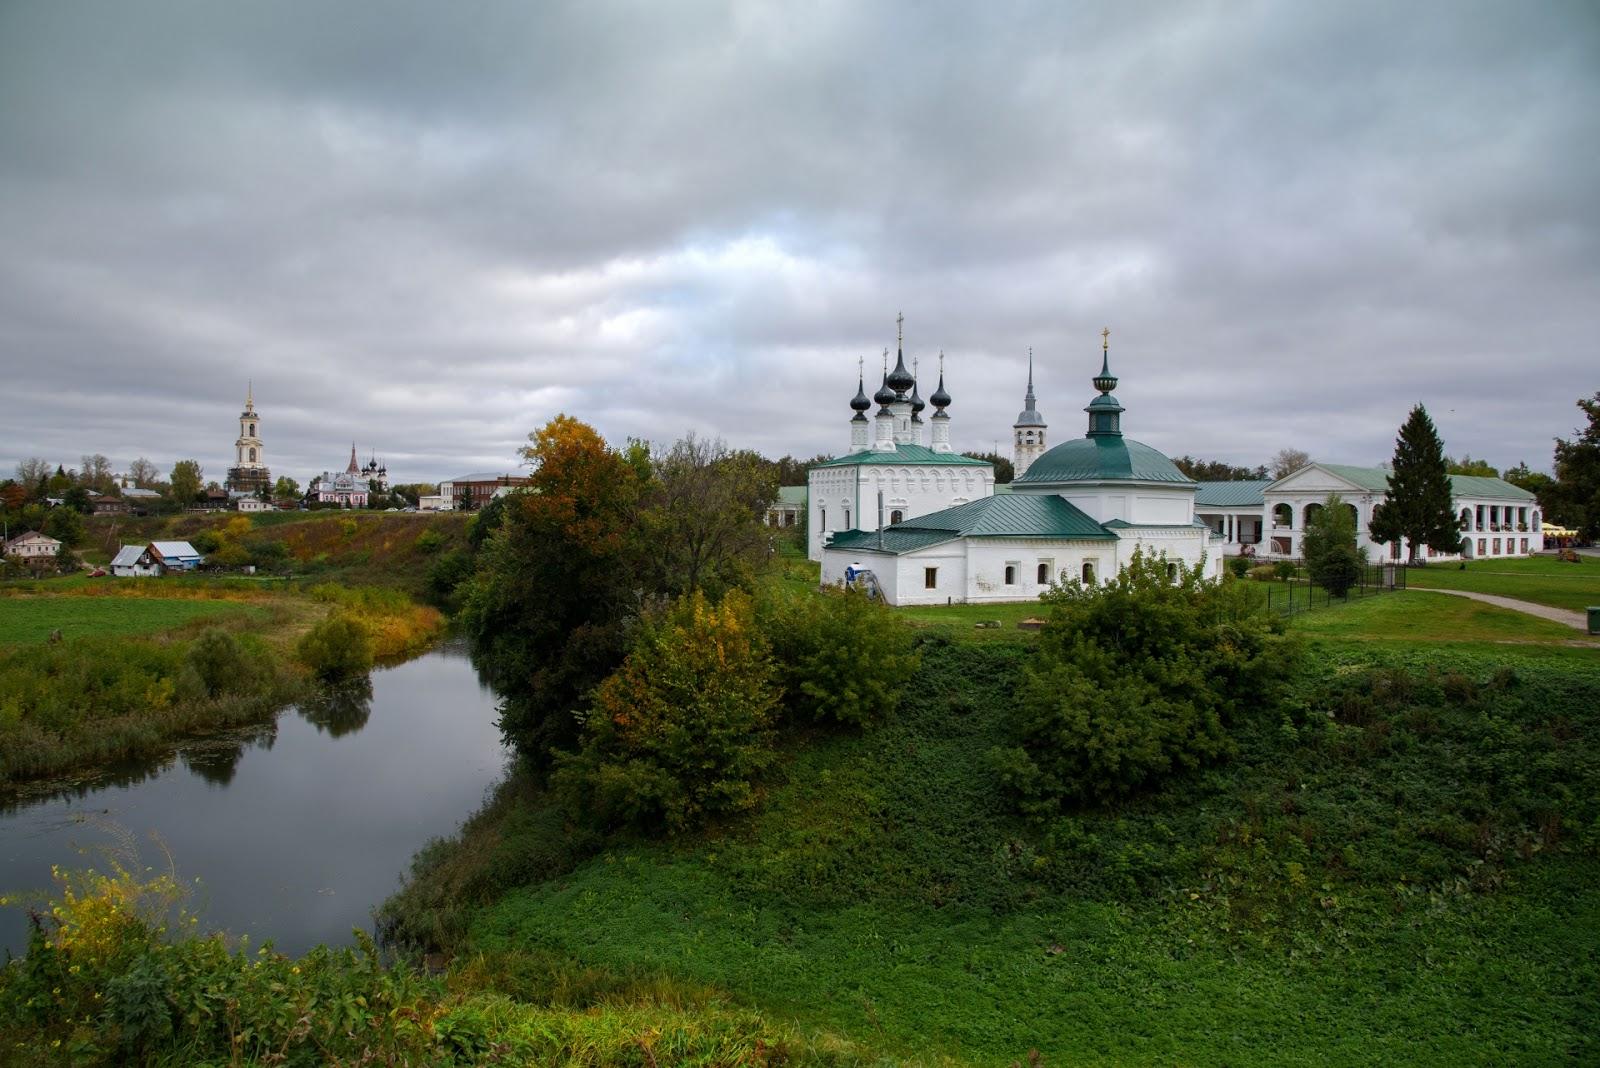 Фотографии Суздаля во Владимирской области. Осень